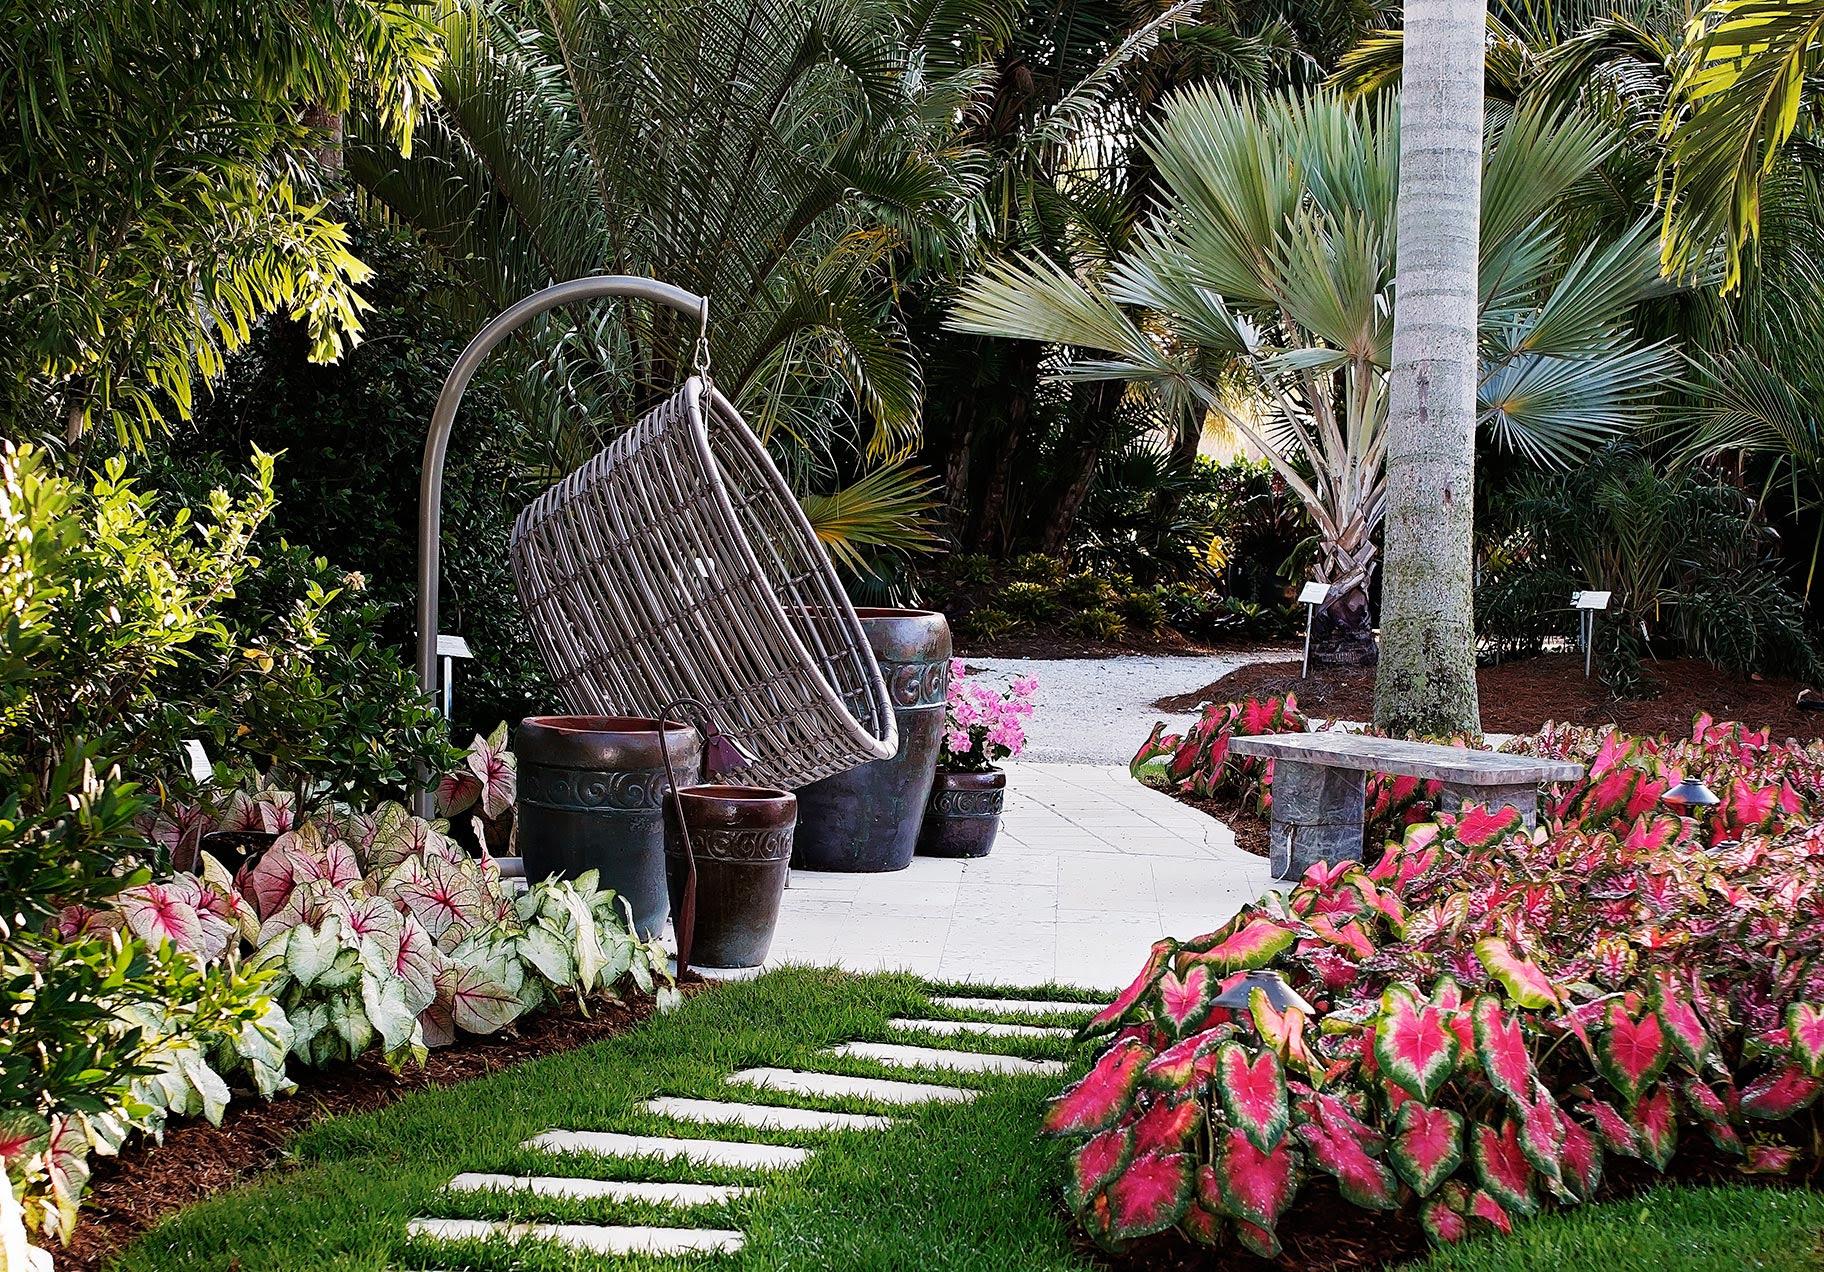 In the Garden_Center Island e1450824459401